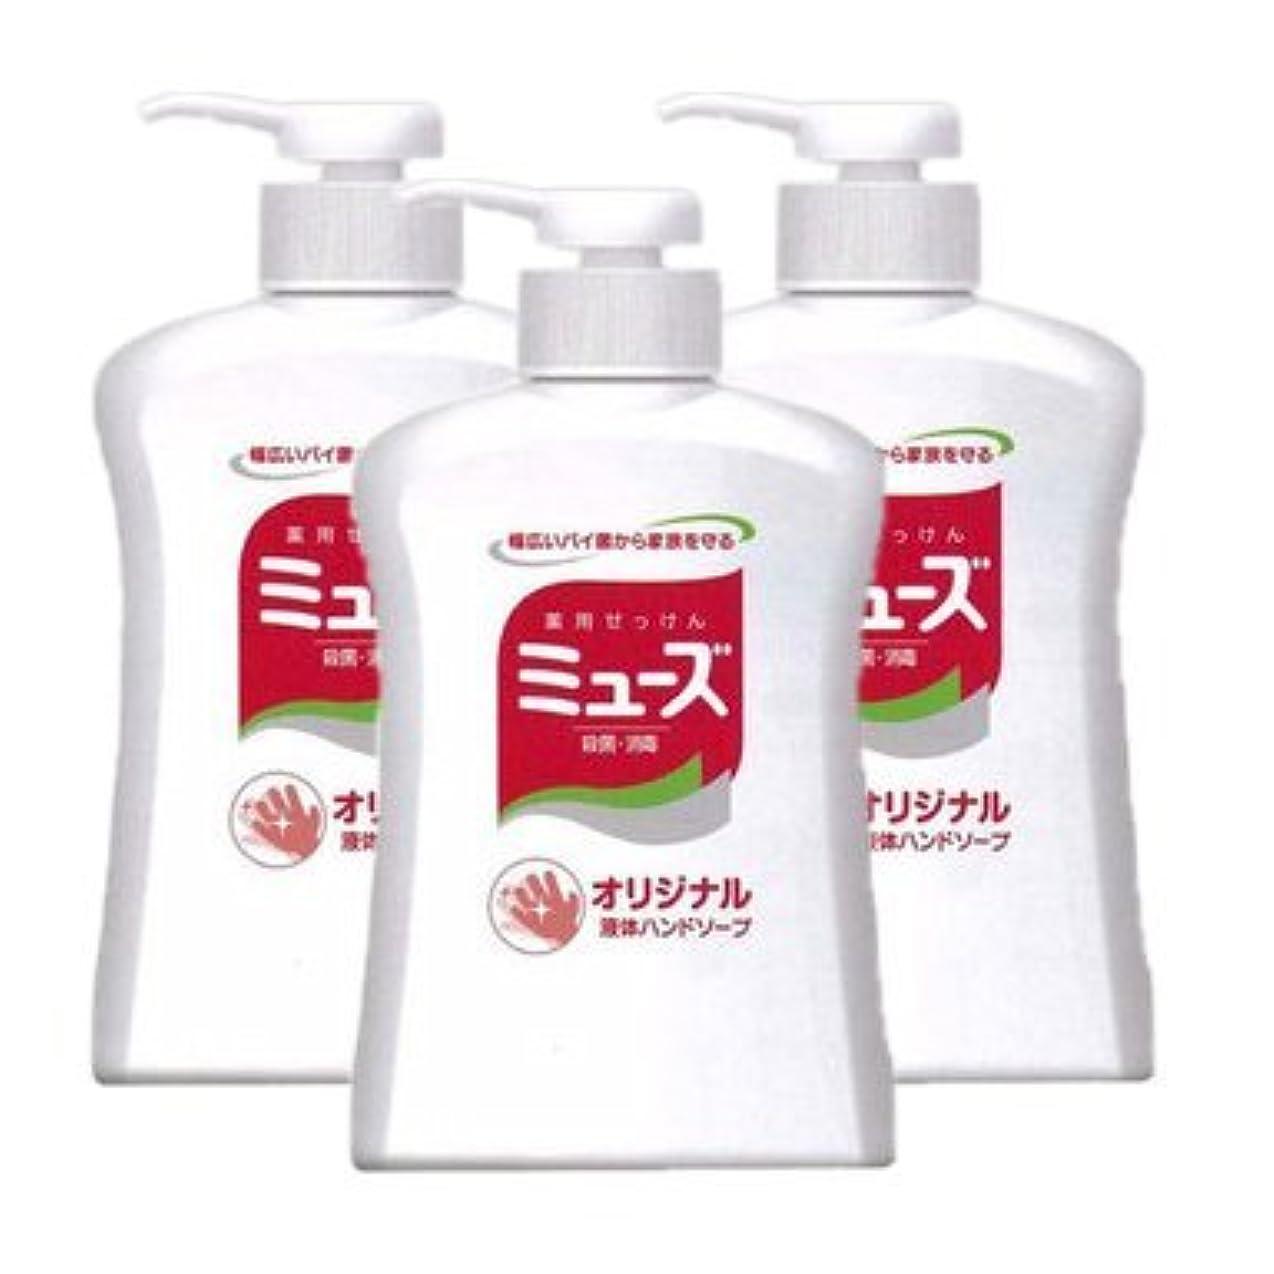 【アース製薬】アース 液体ミューズ オリジナル 250ml ×3個セット